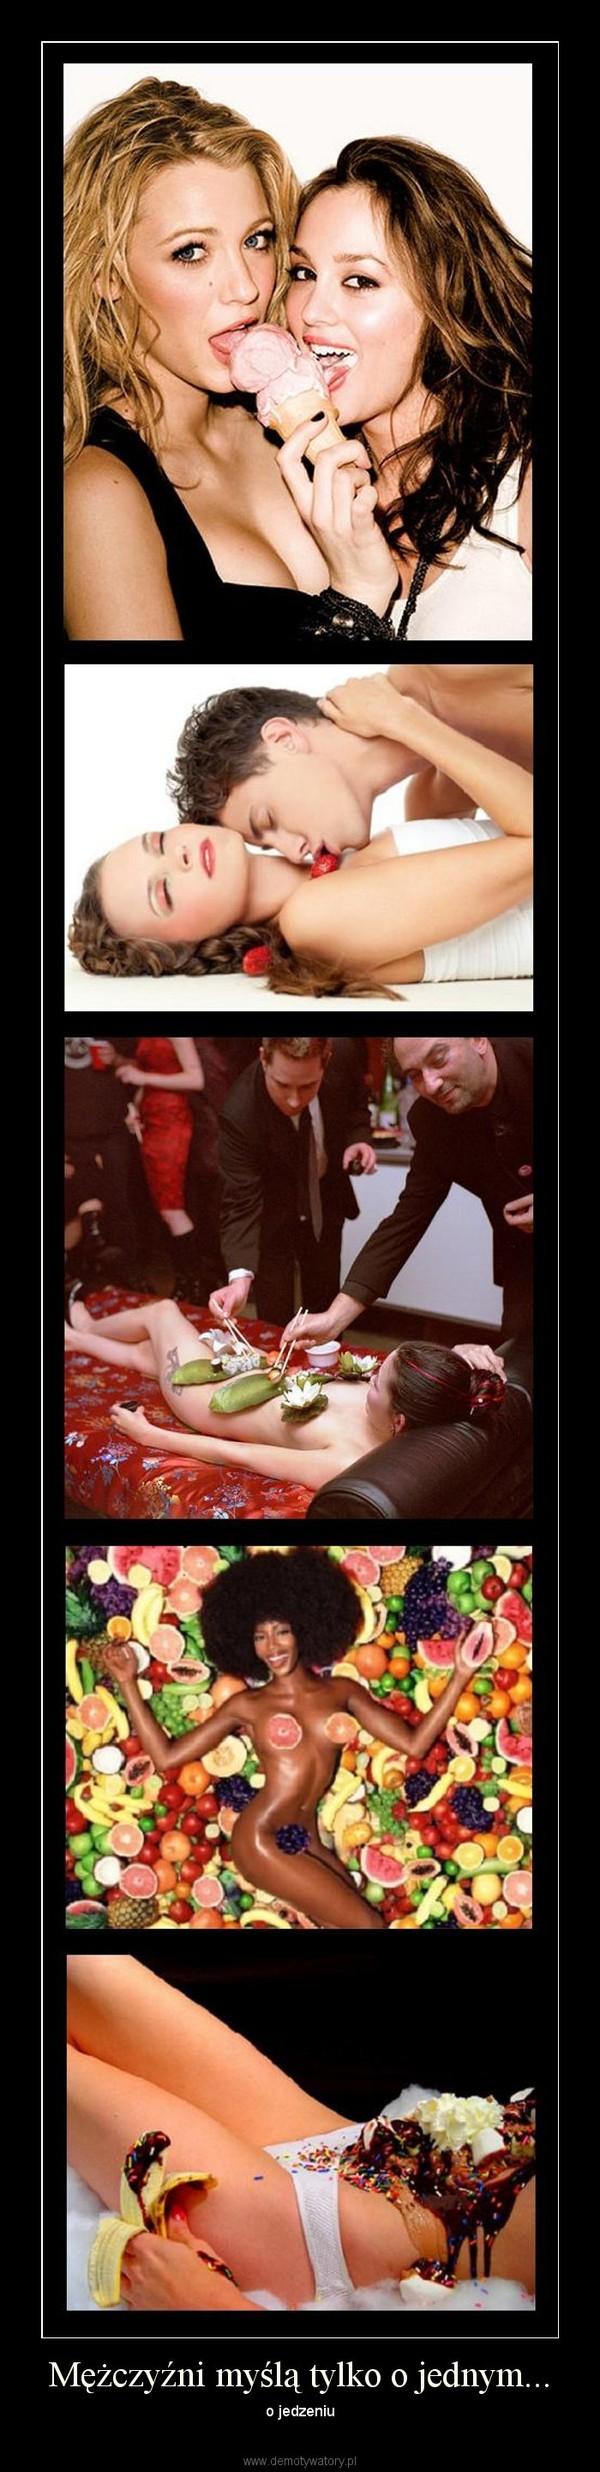 Mężczyźni myślą tylko o jednym... – o jedzeniu